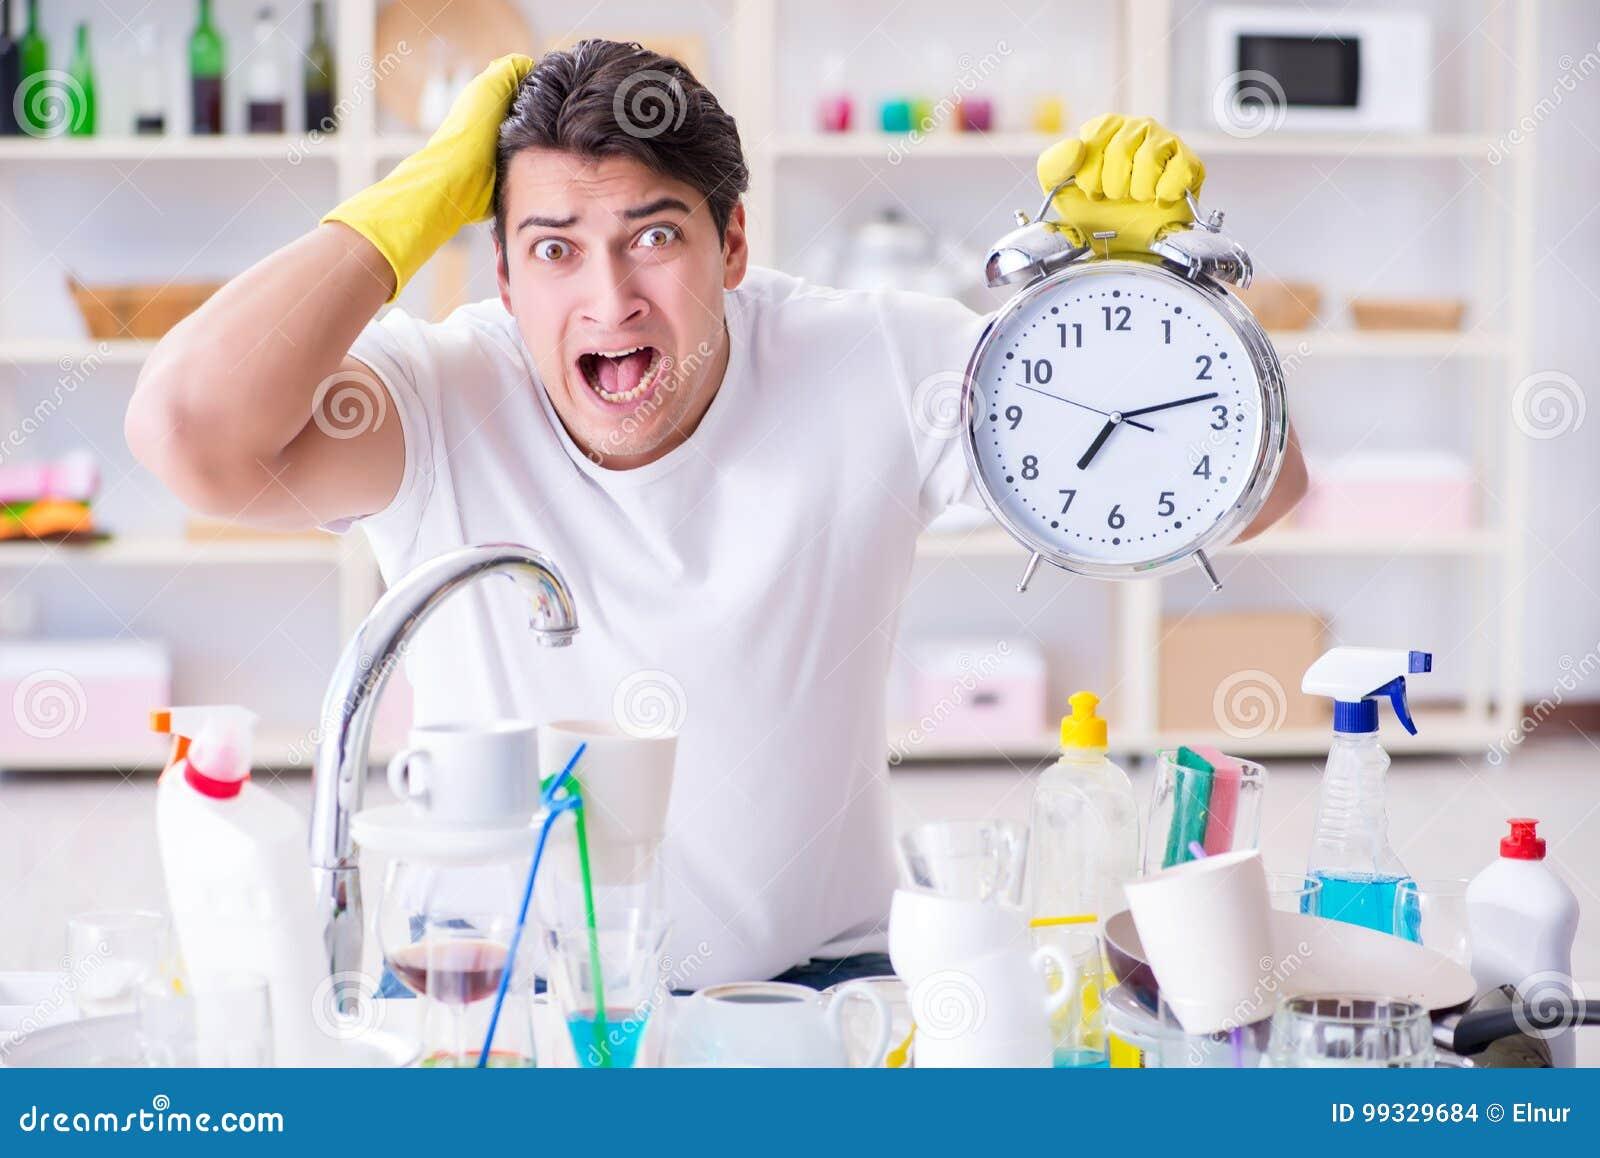 Mężczyzna wada spotykać ostatecznych terminy housekeeping praca